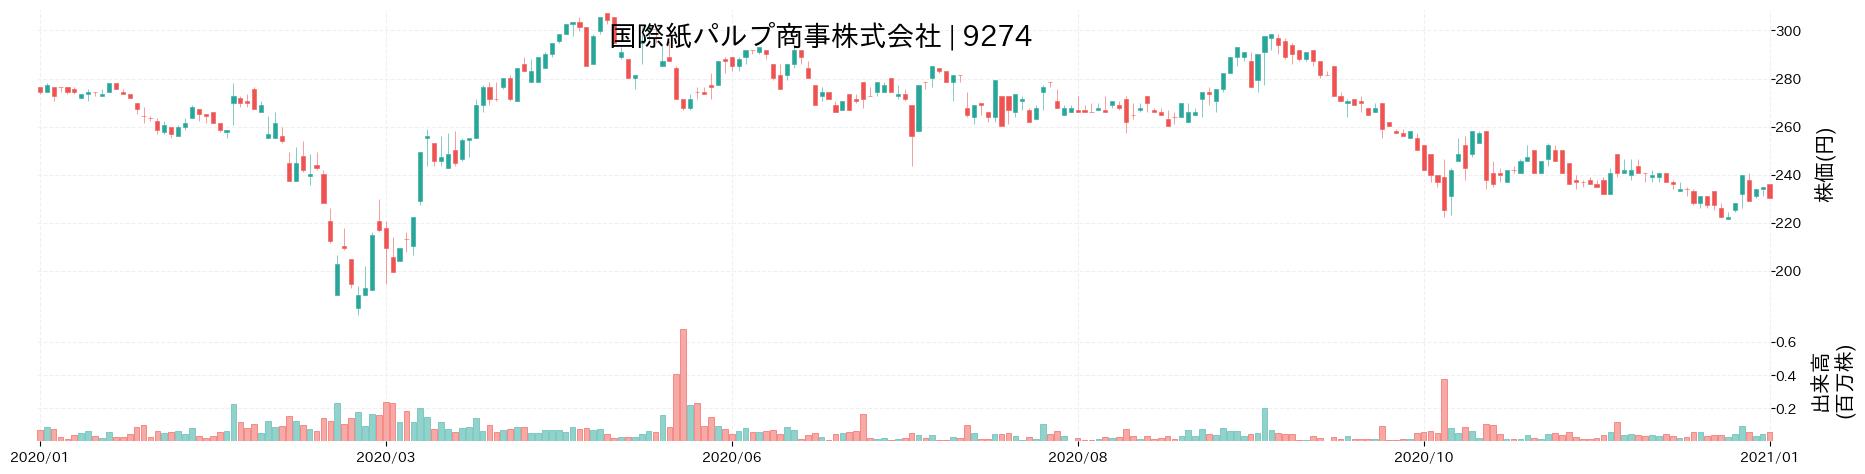 国際紙パルプ商事株式会社の株価推移(2020)